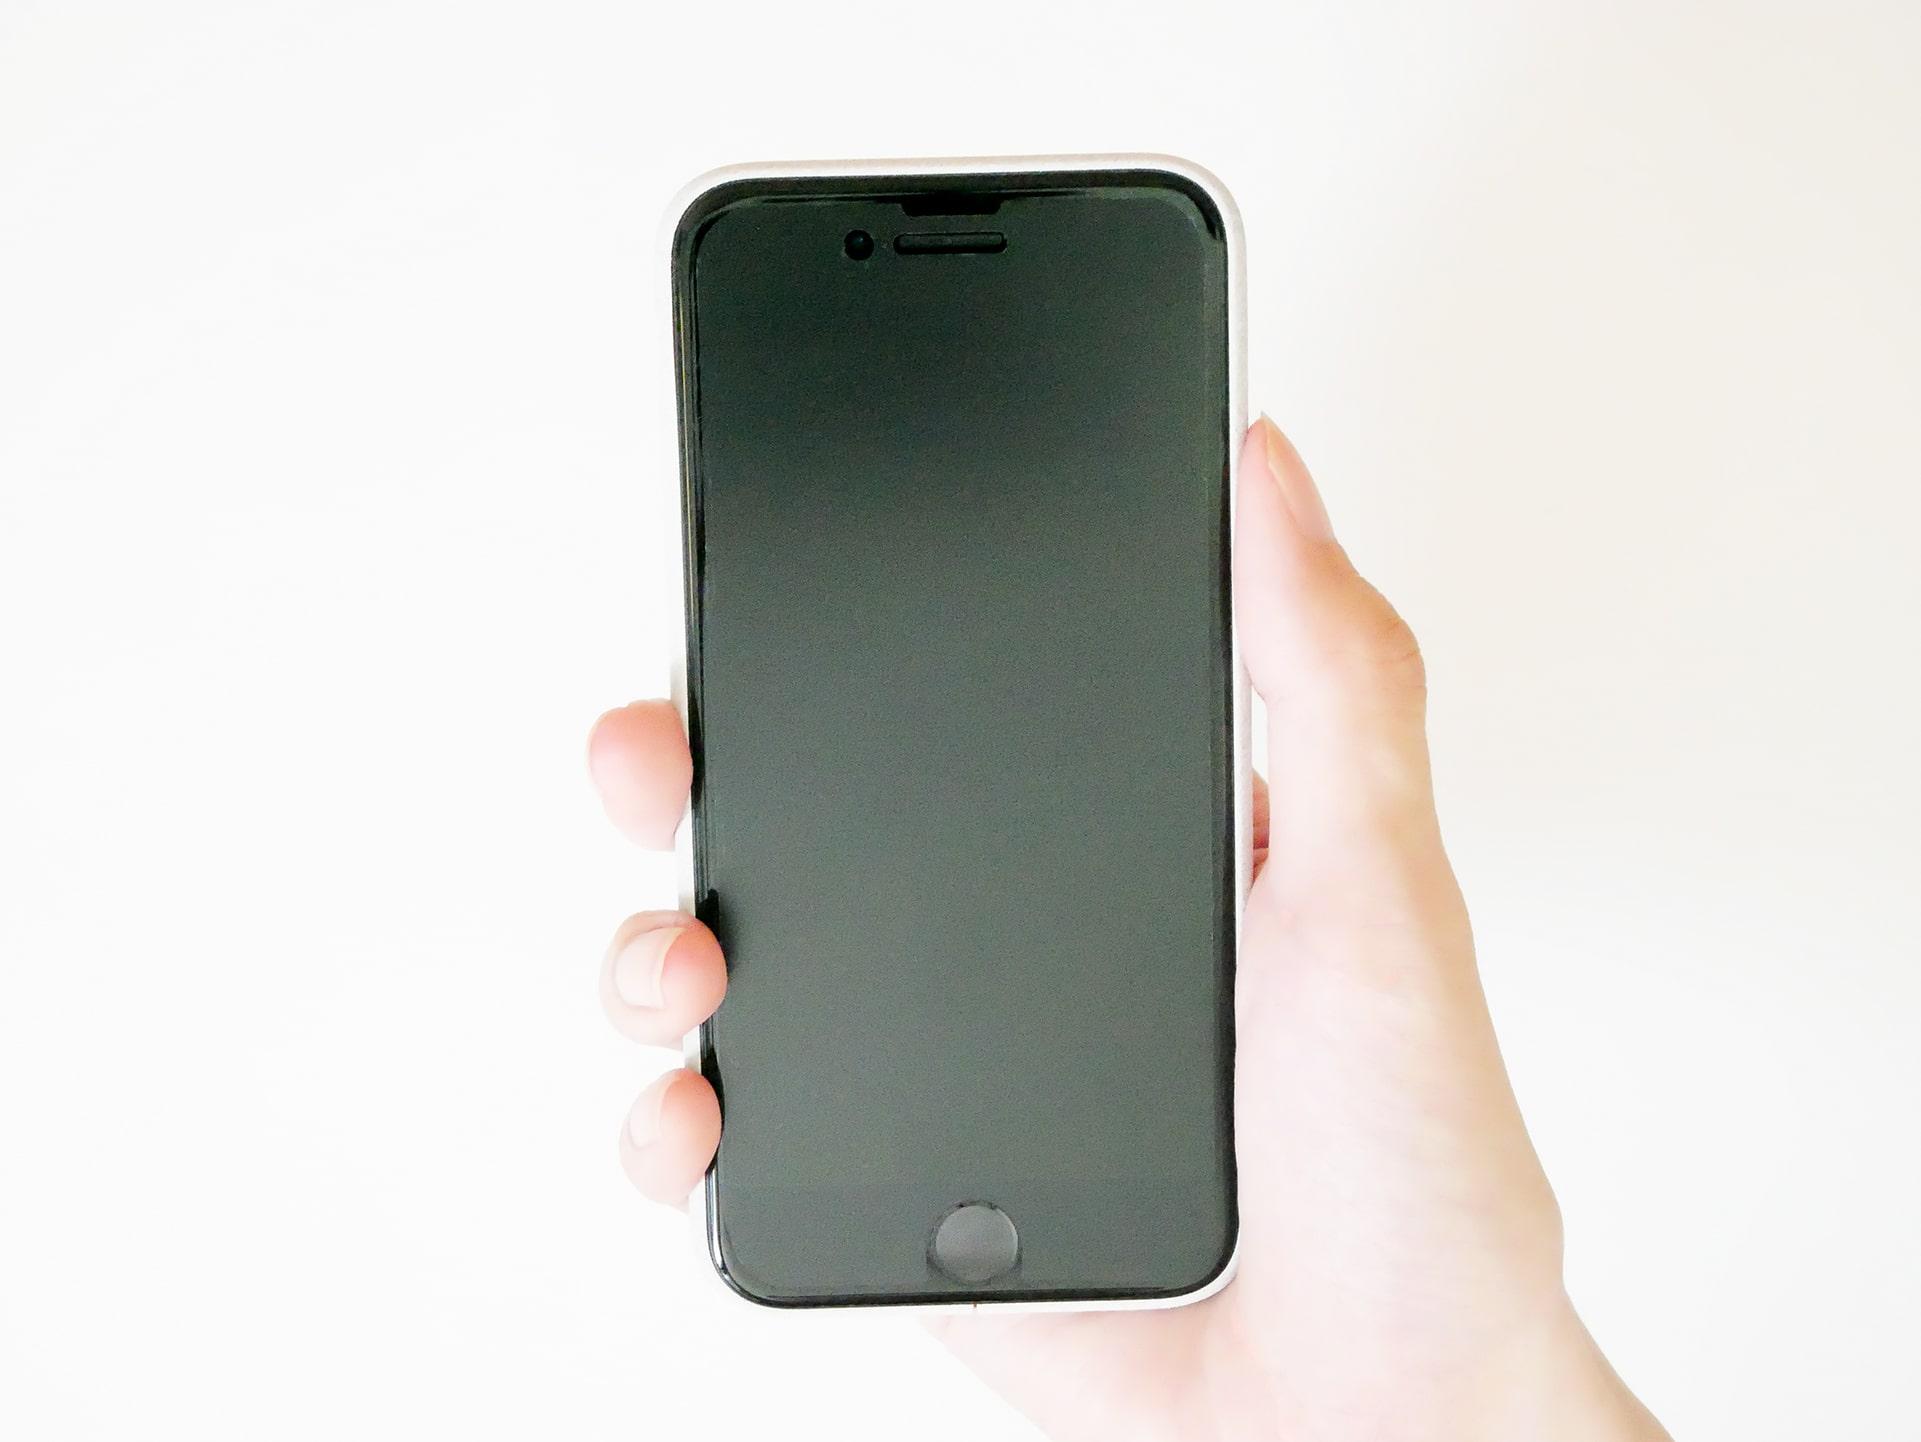 iPhoneを手で持った状態